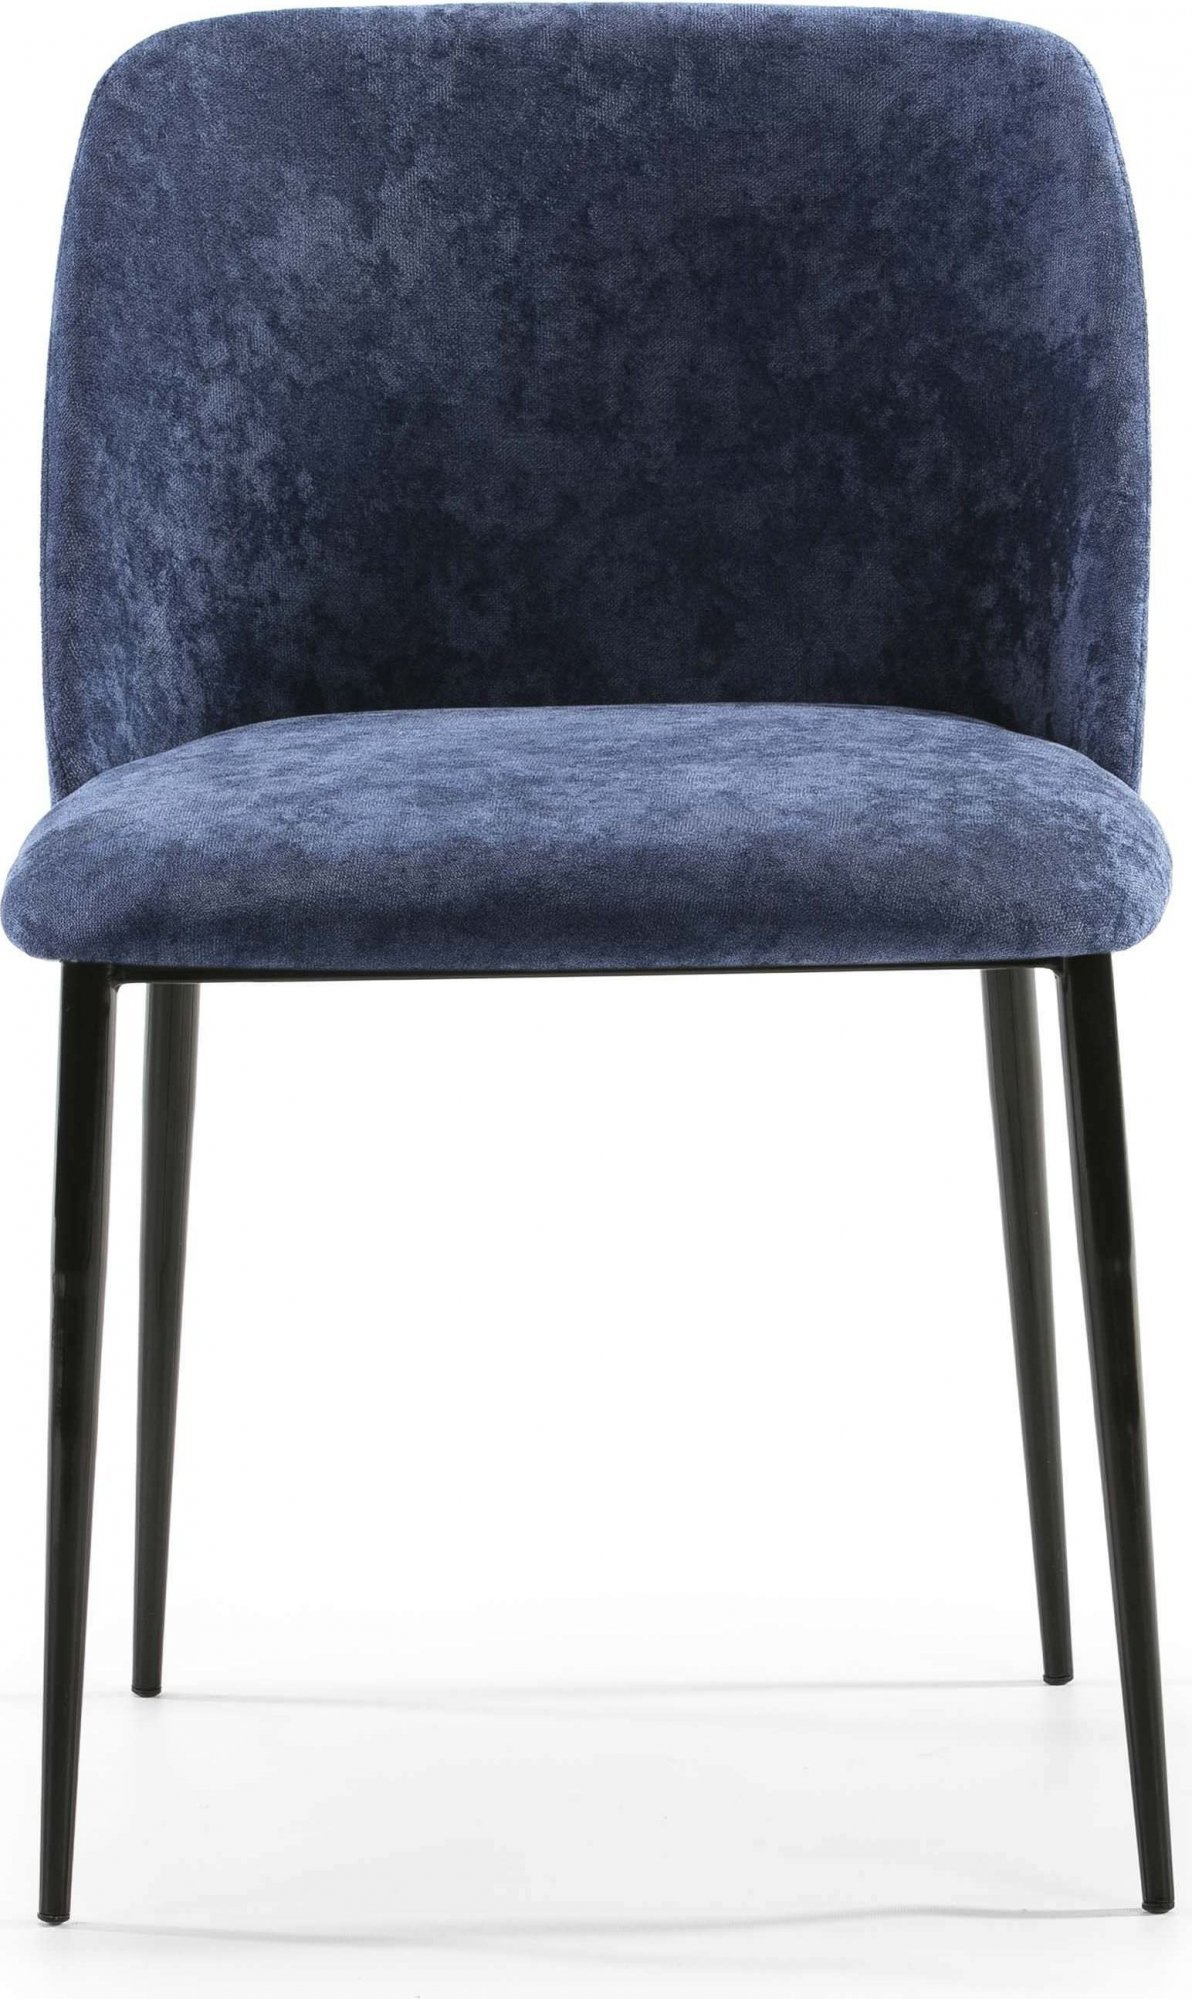 Chaise design rembourrée assise bleu pétrole